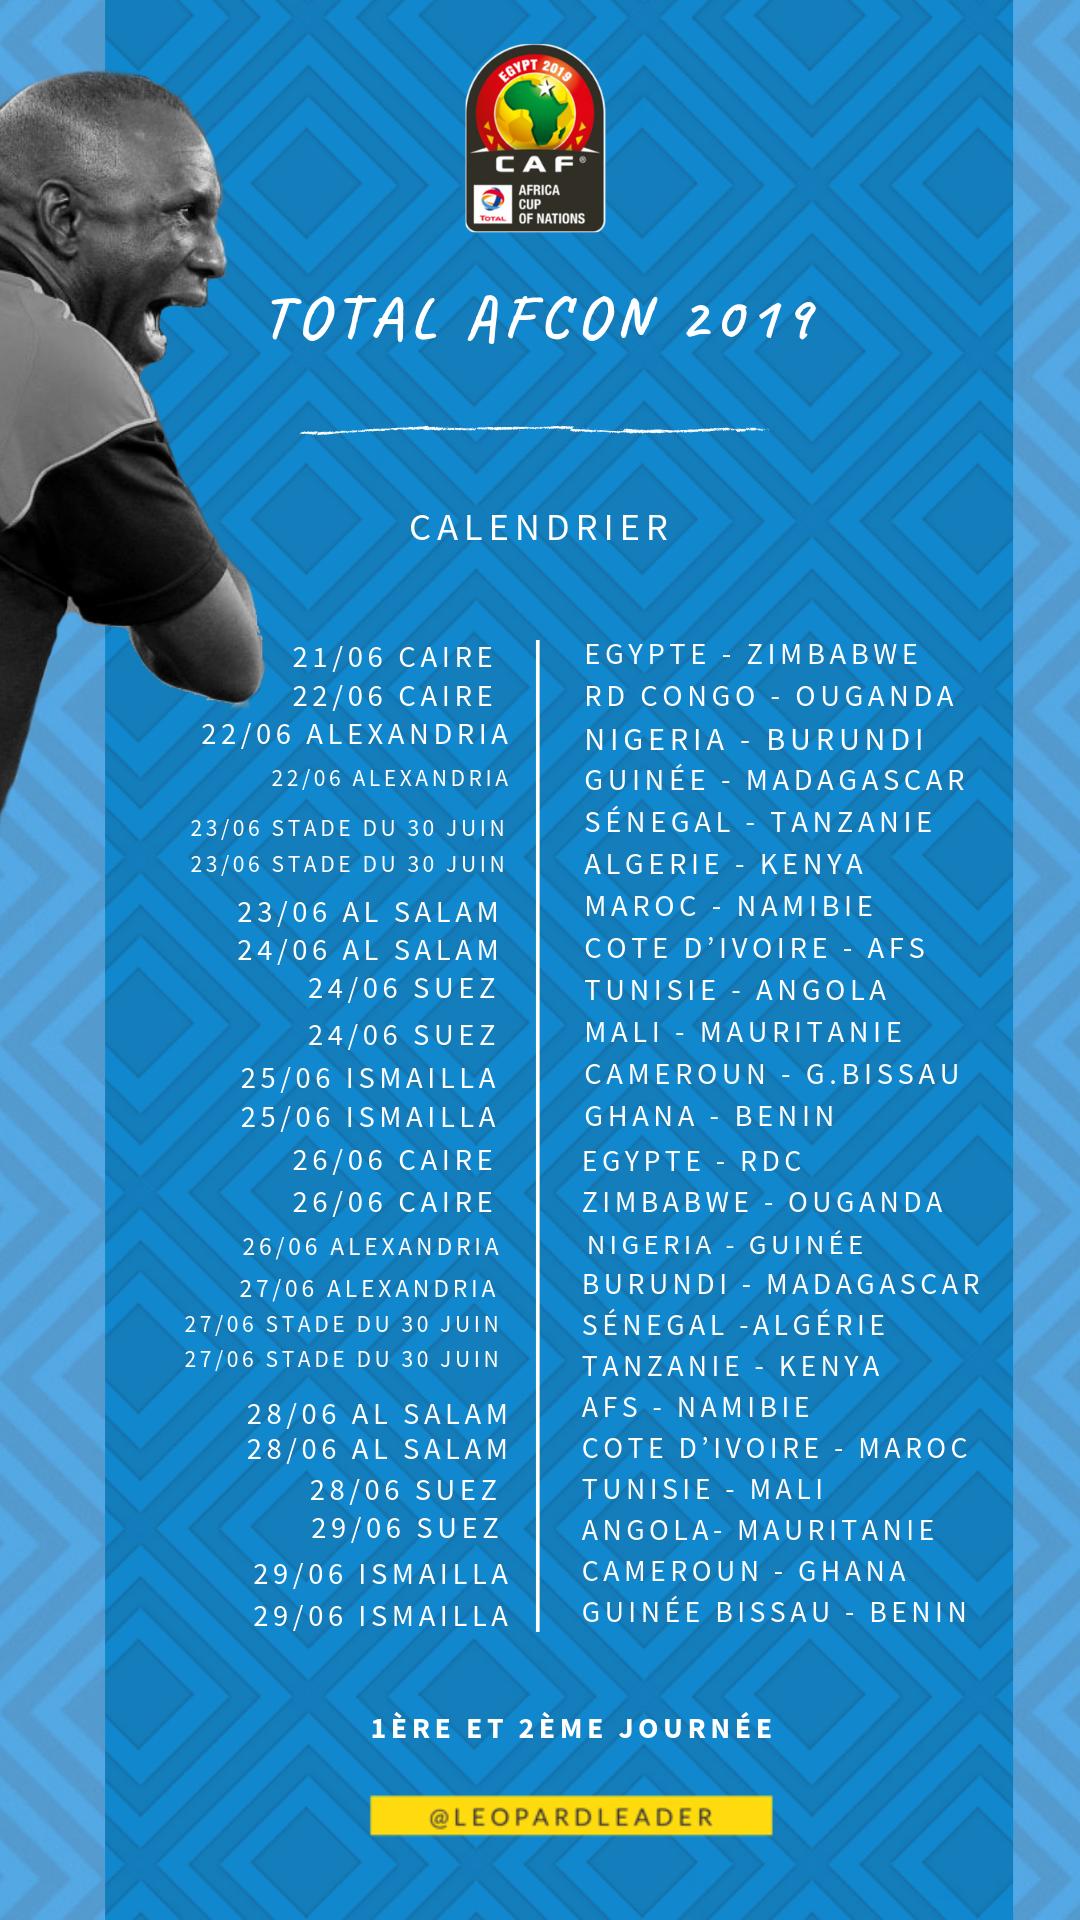 Eliminatoire Can 2019 Calendrier.Calendrier Complet Des Rencontres De La Total Can 2019